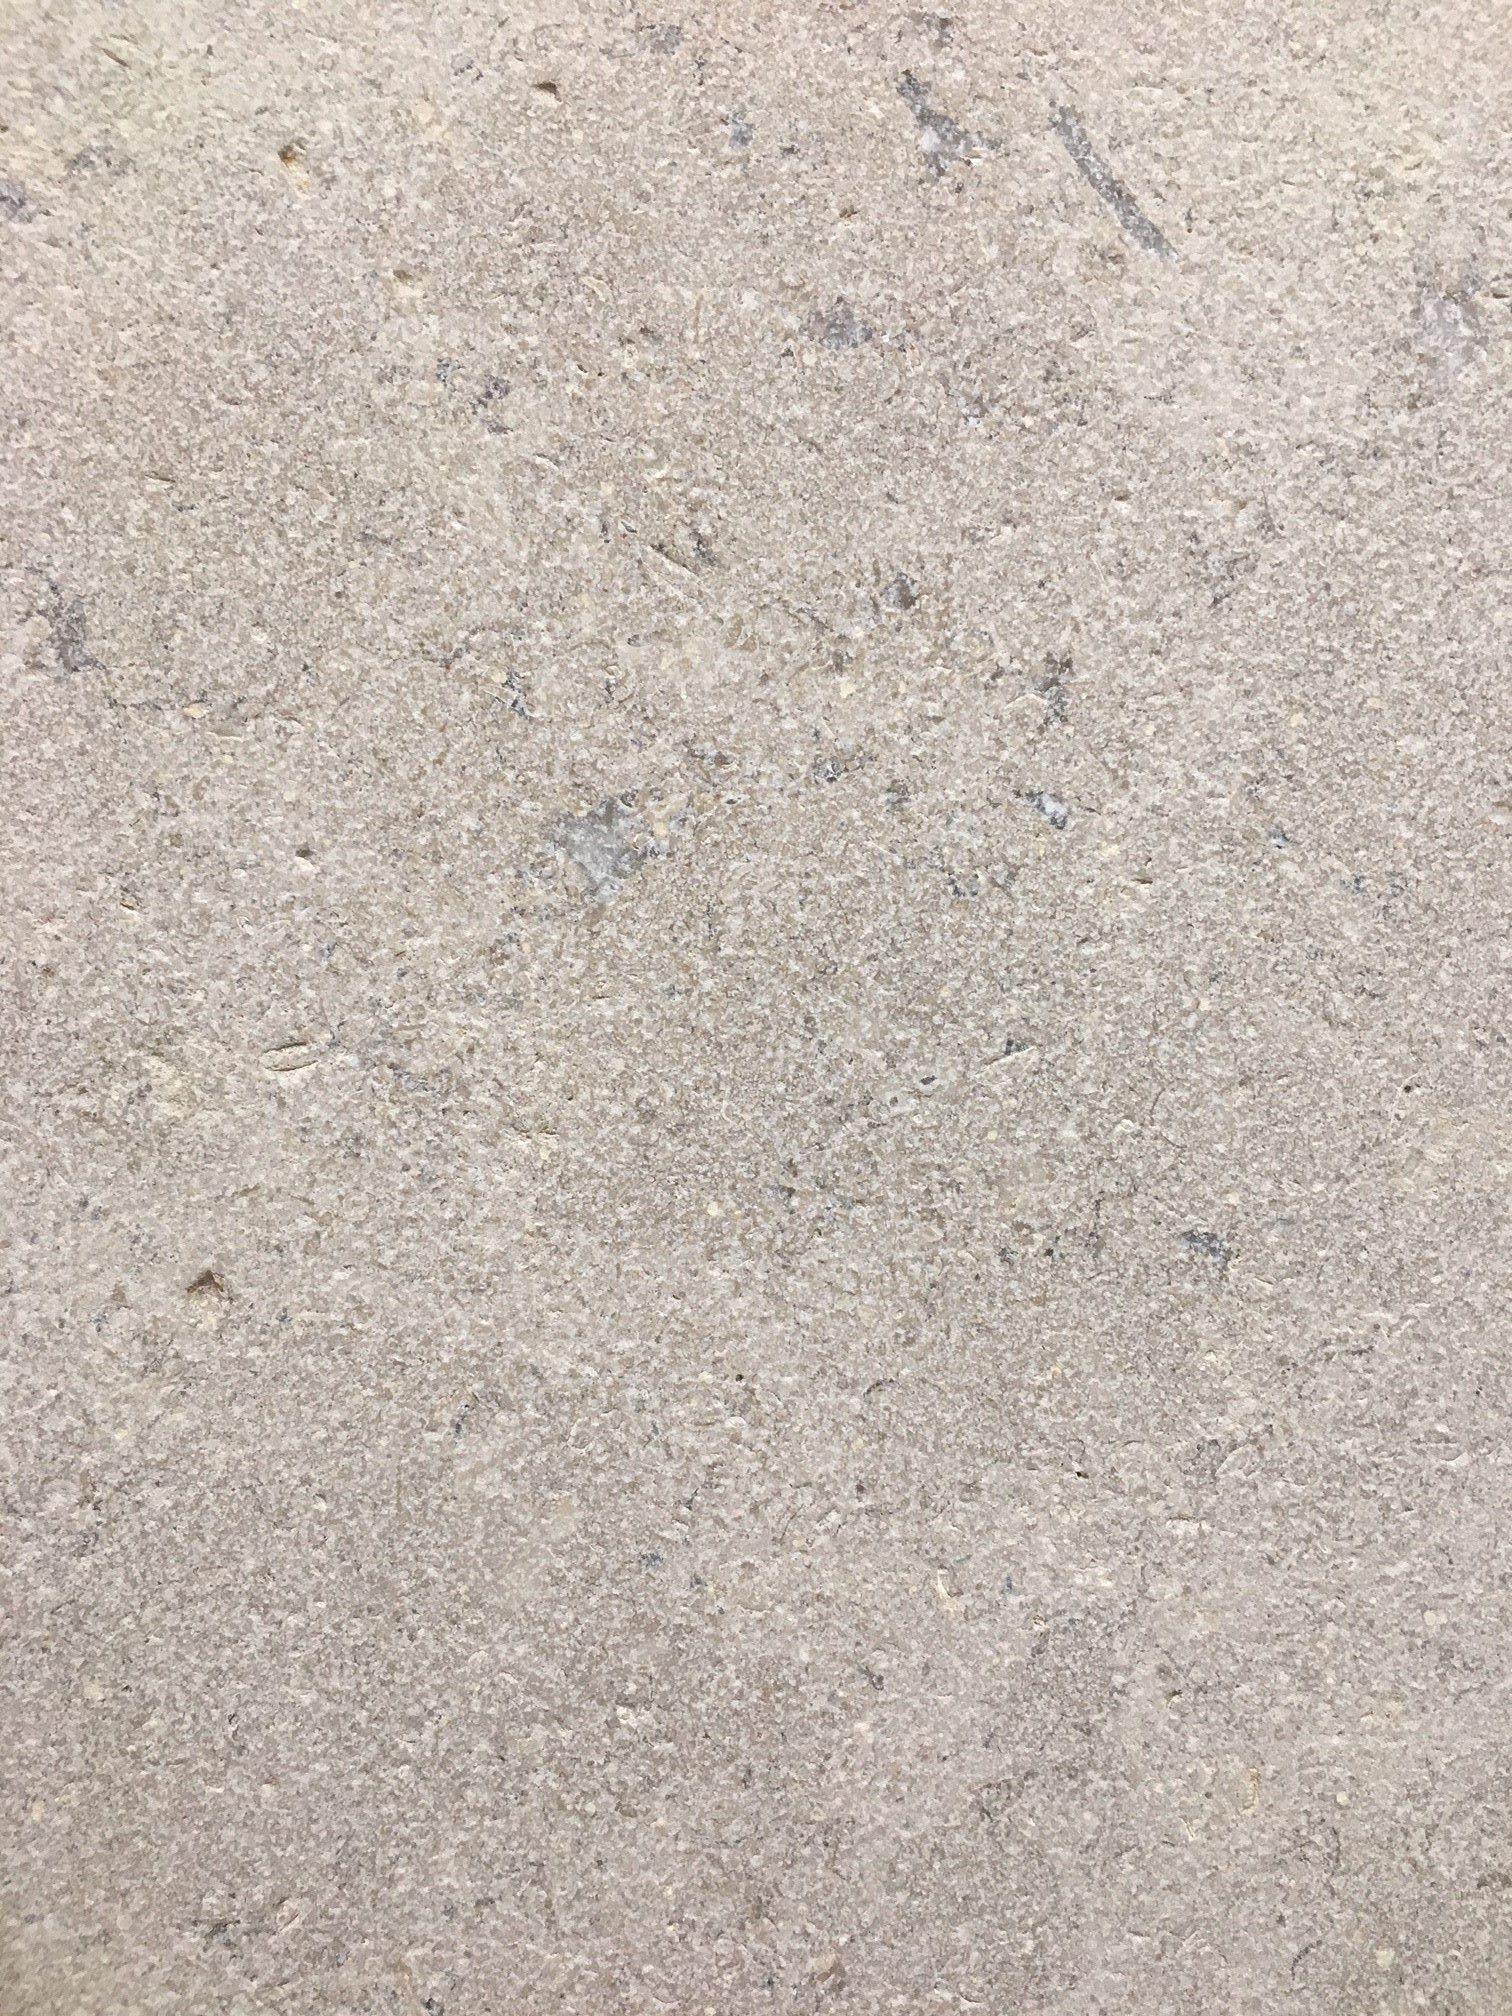 heritage-sandblasted-brushed-swatch